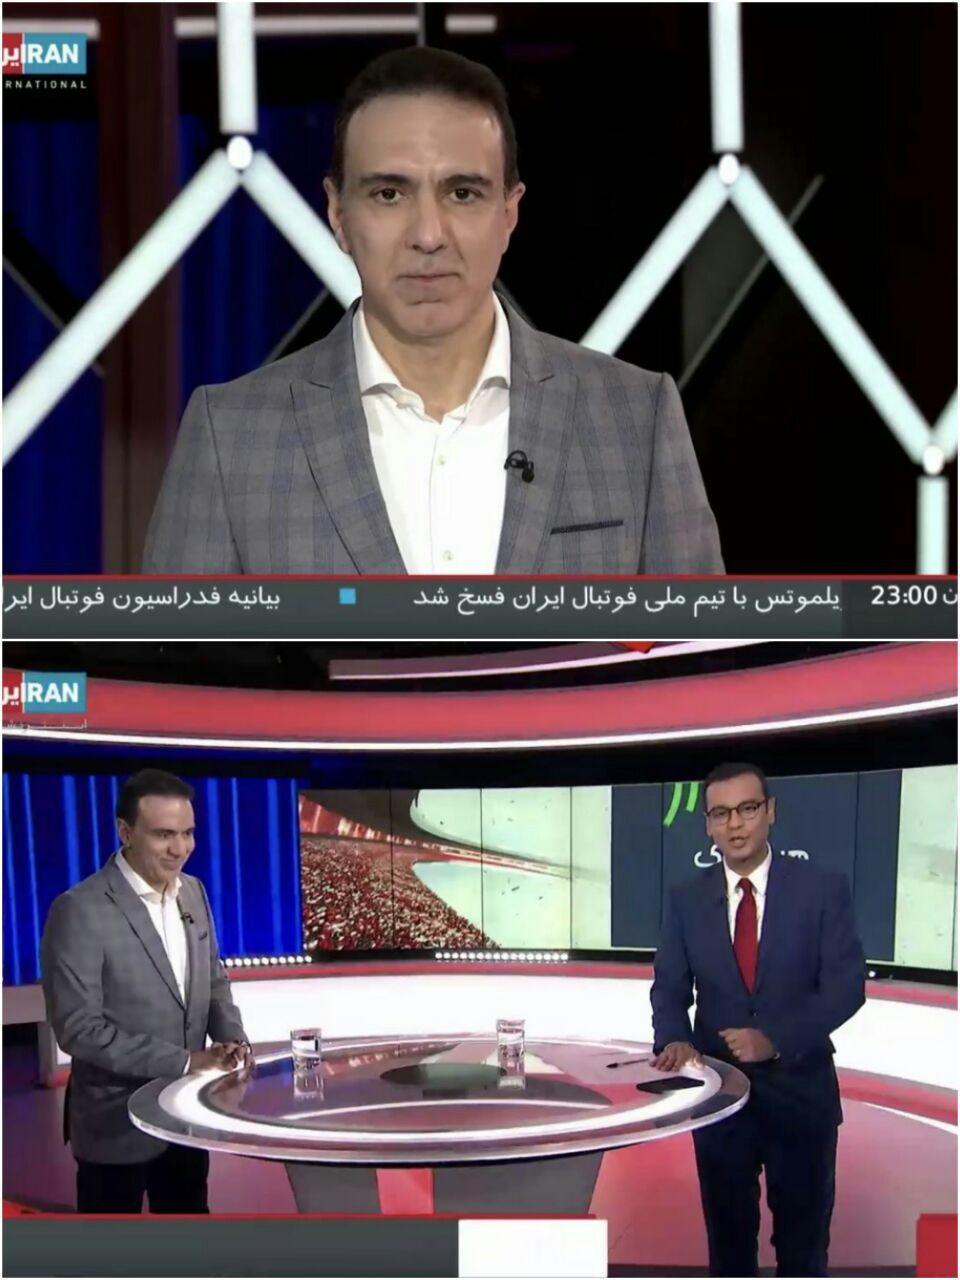 مزدک میرزایی در نخستین حضورش در شبکه ایران اینترنشنال: